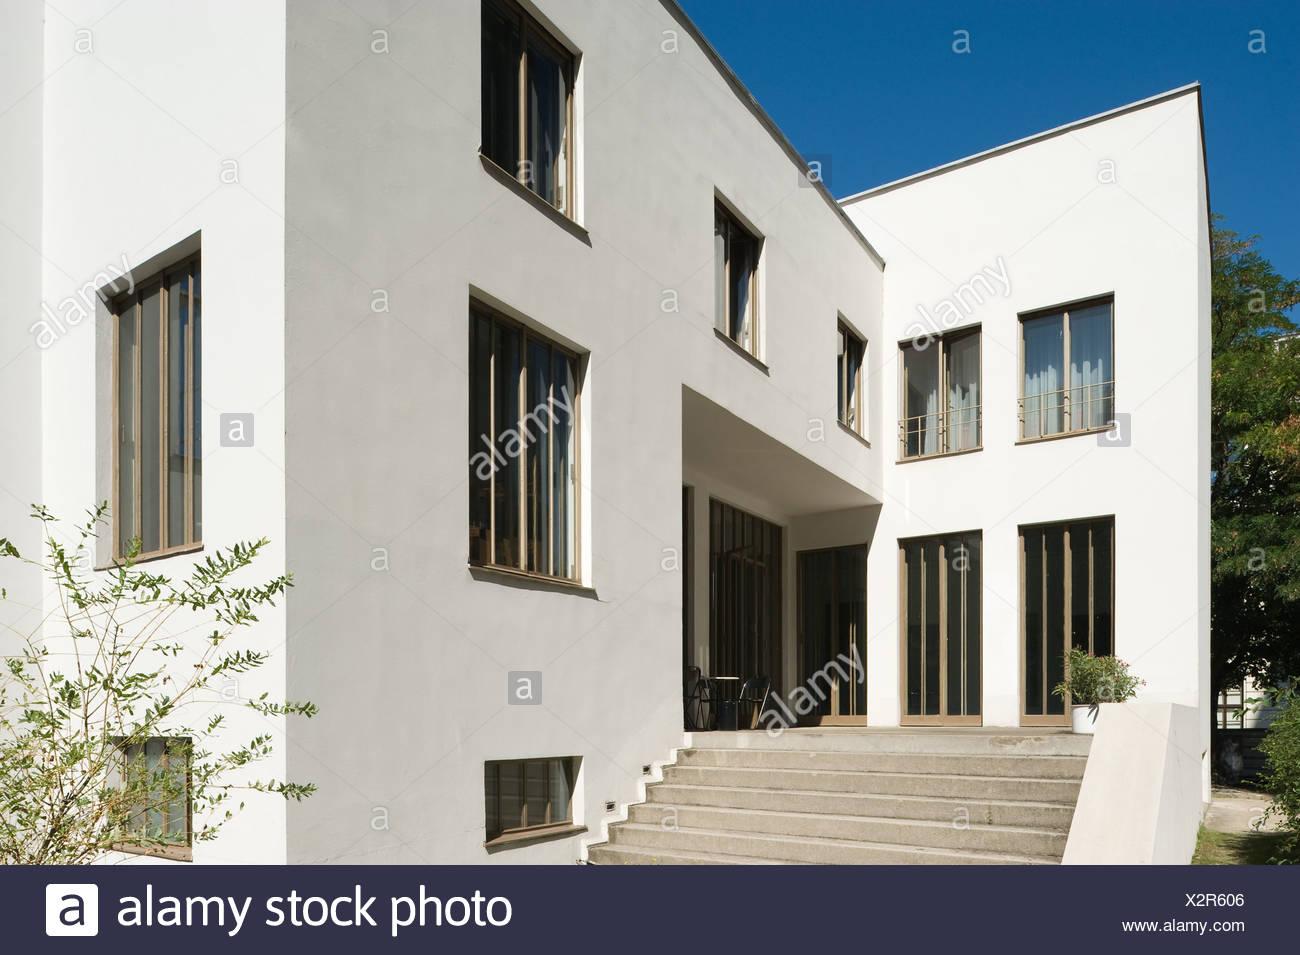 Wien, Wittgensteinhaus, Paul Engelmann und Ludwig Wittgenstein 1926-1928 - Stock Image